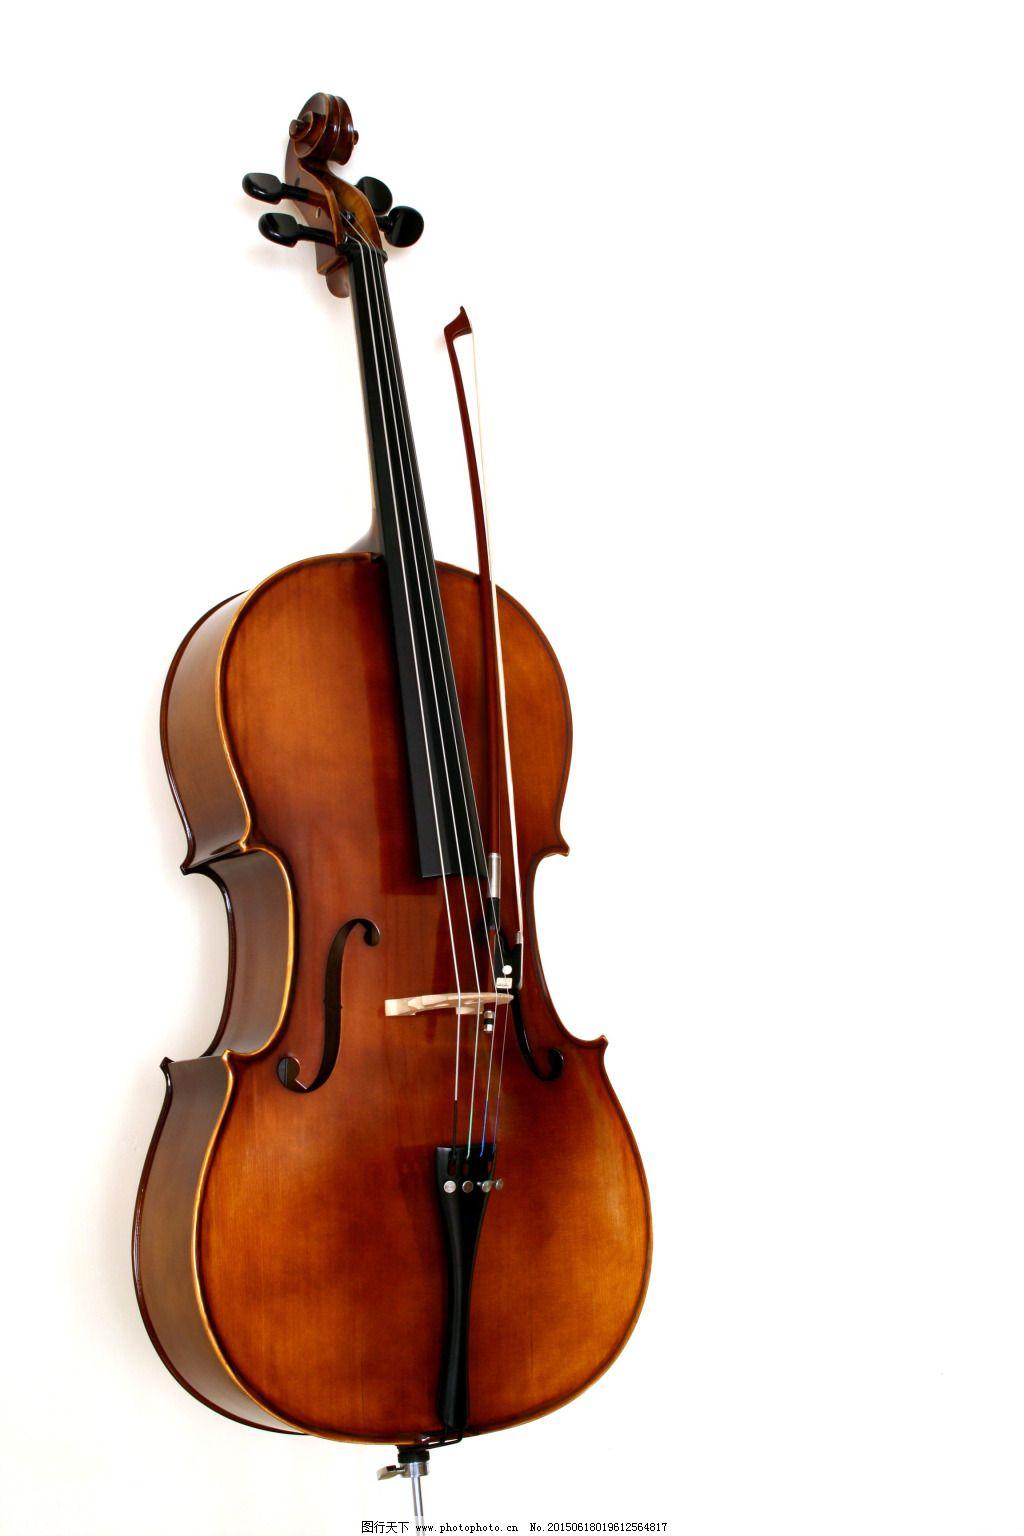 优雅小提琴白幕易抠图免费下载 白背景 小提琴 小提琴 琴弦 白背景图片